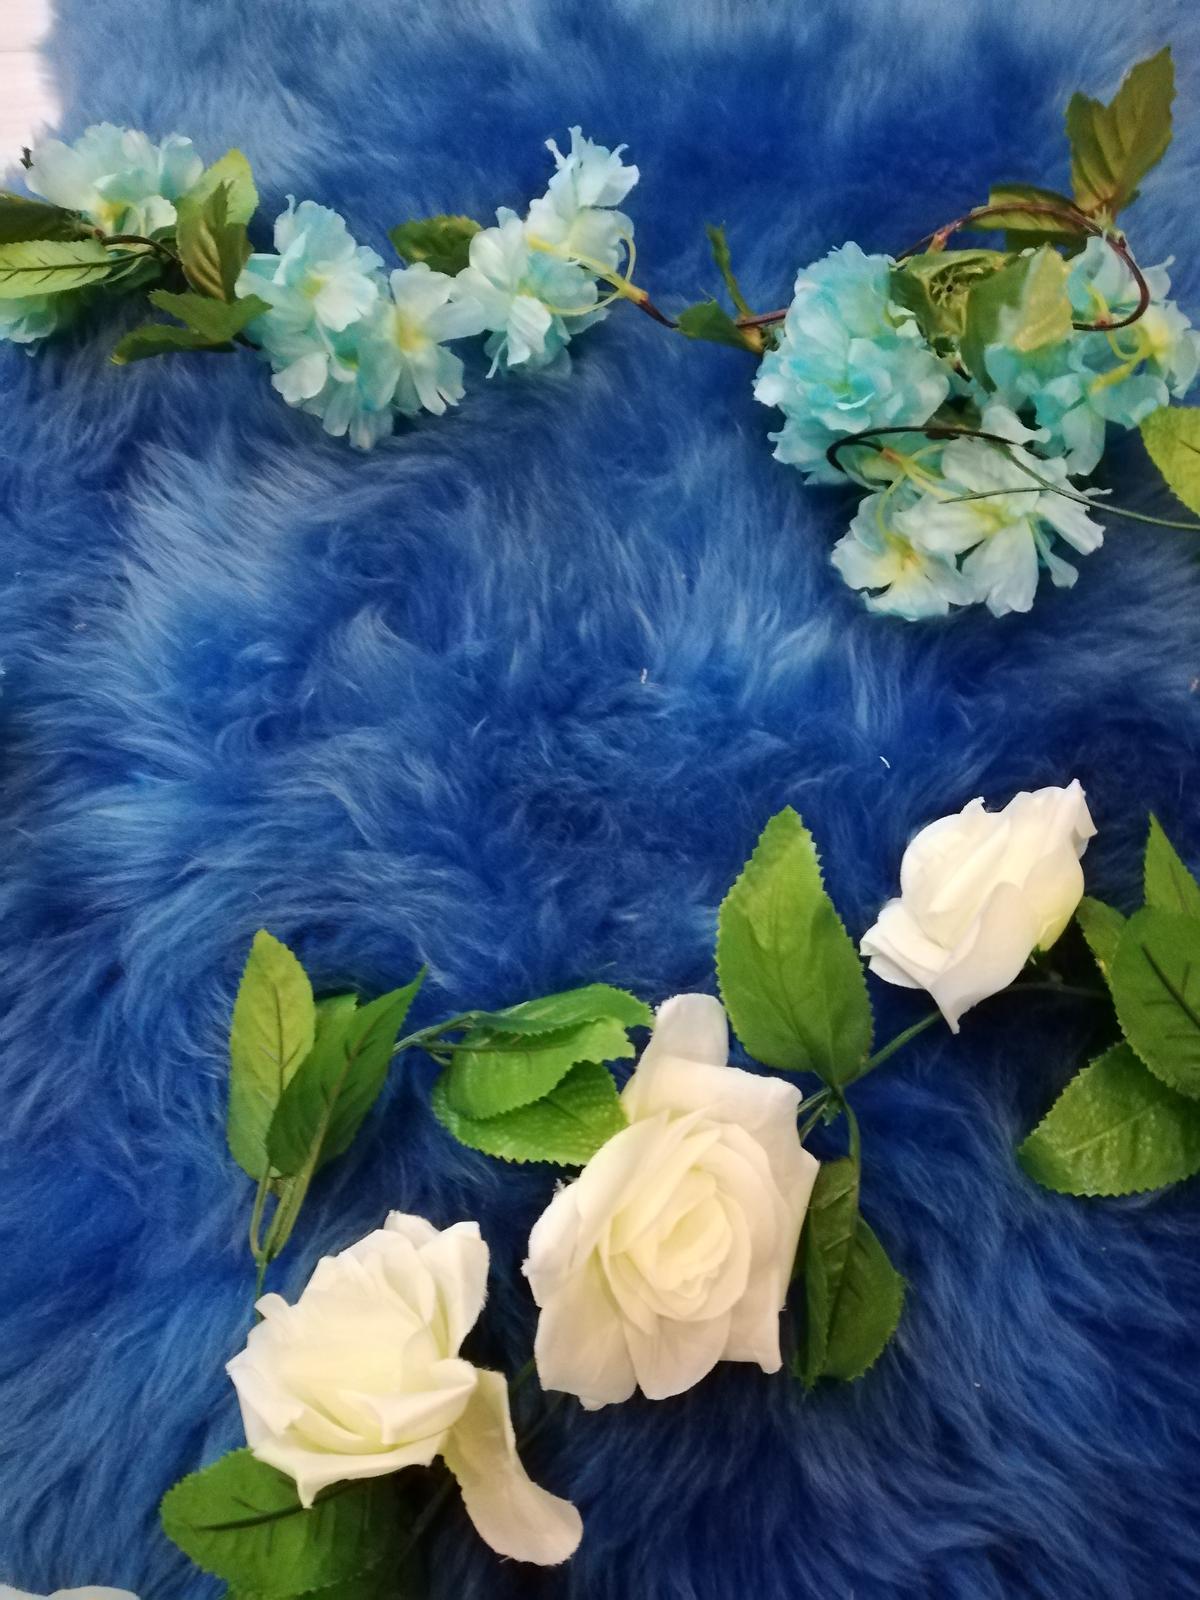 Svadobná výzdoba - tyrkysové kvety - Obrázok č. 2